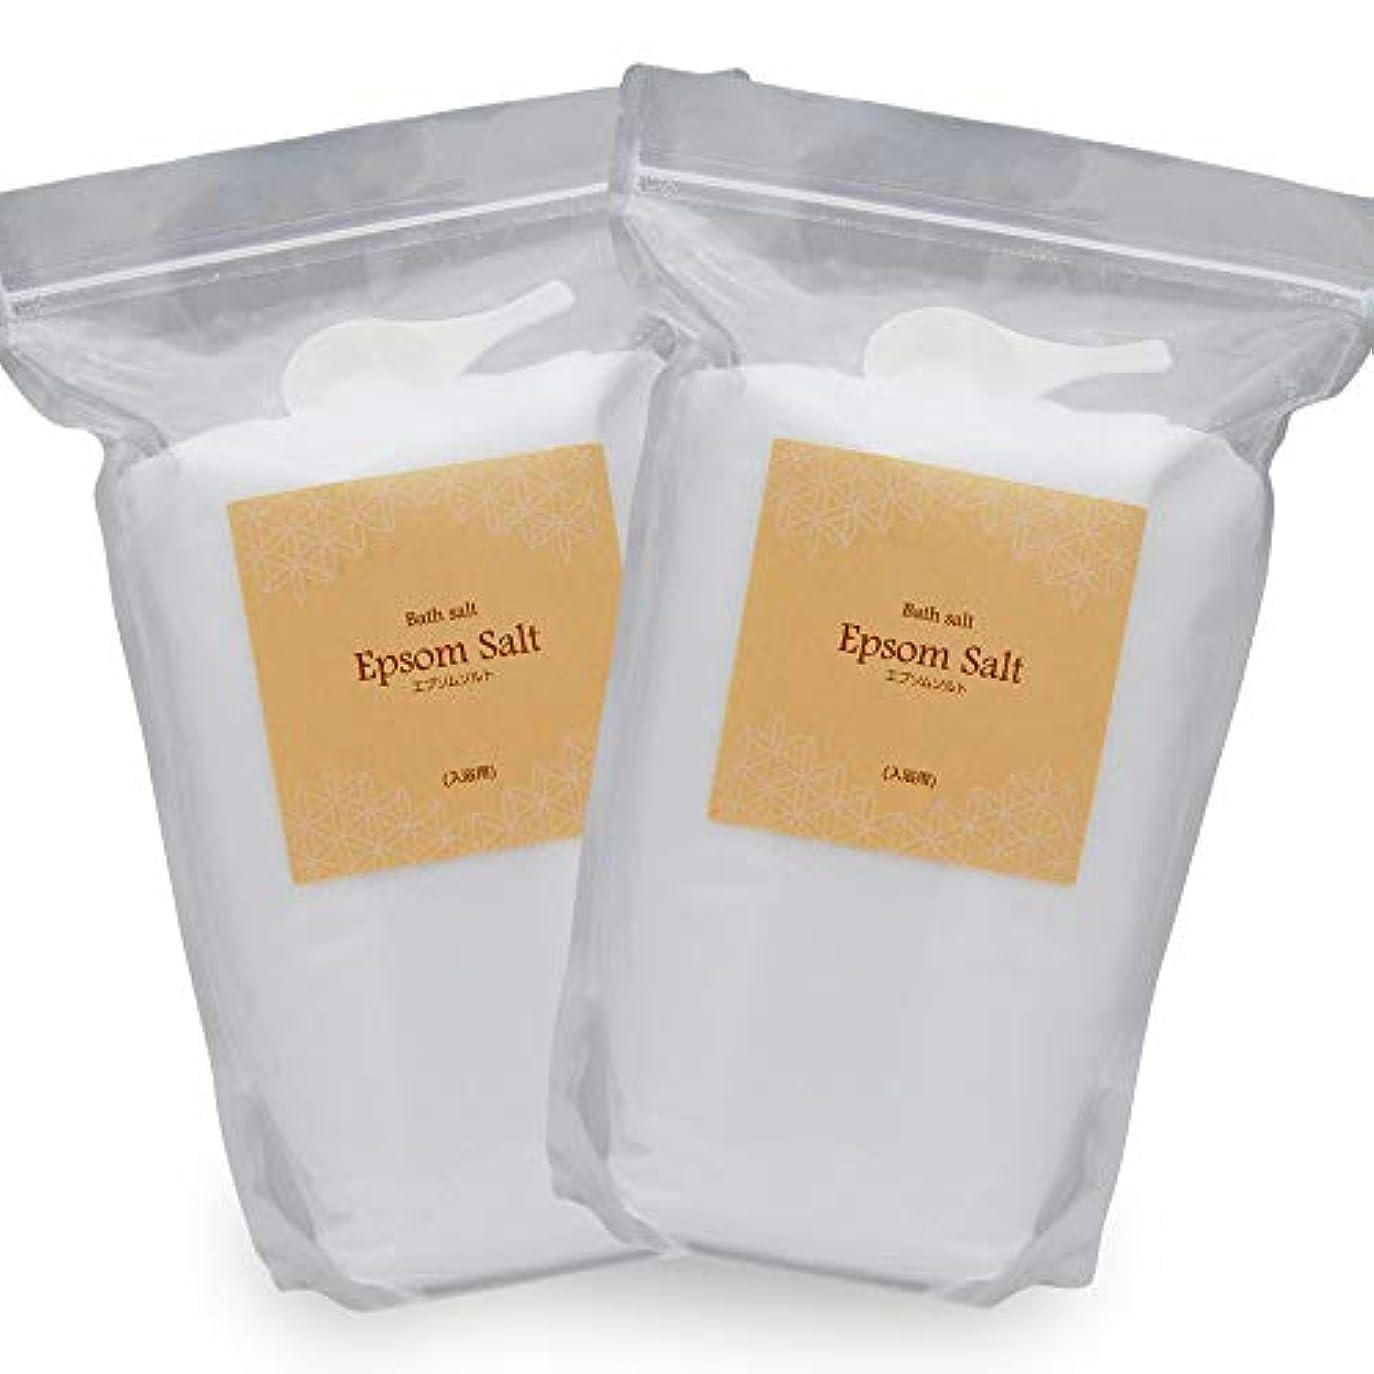 【有名女優ご愛用品】アースコンシャス 国産 エプソムソルト [お得な2袋セット 6kg] バスソルト 硫酸マグネシウム 大容量 (3kgパック×2袋 / 入浴剤 原料) 計量スプーン付 ギフト